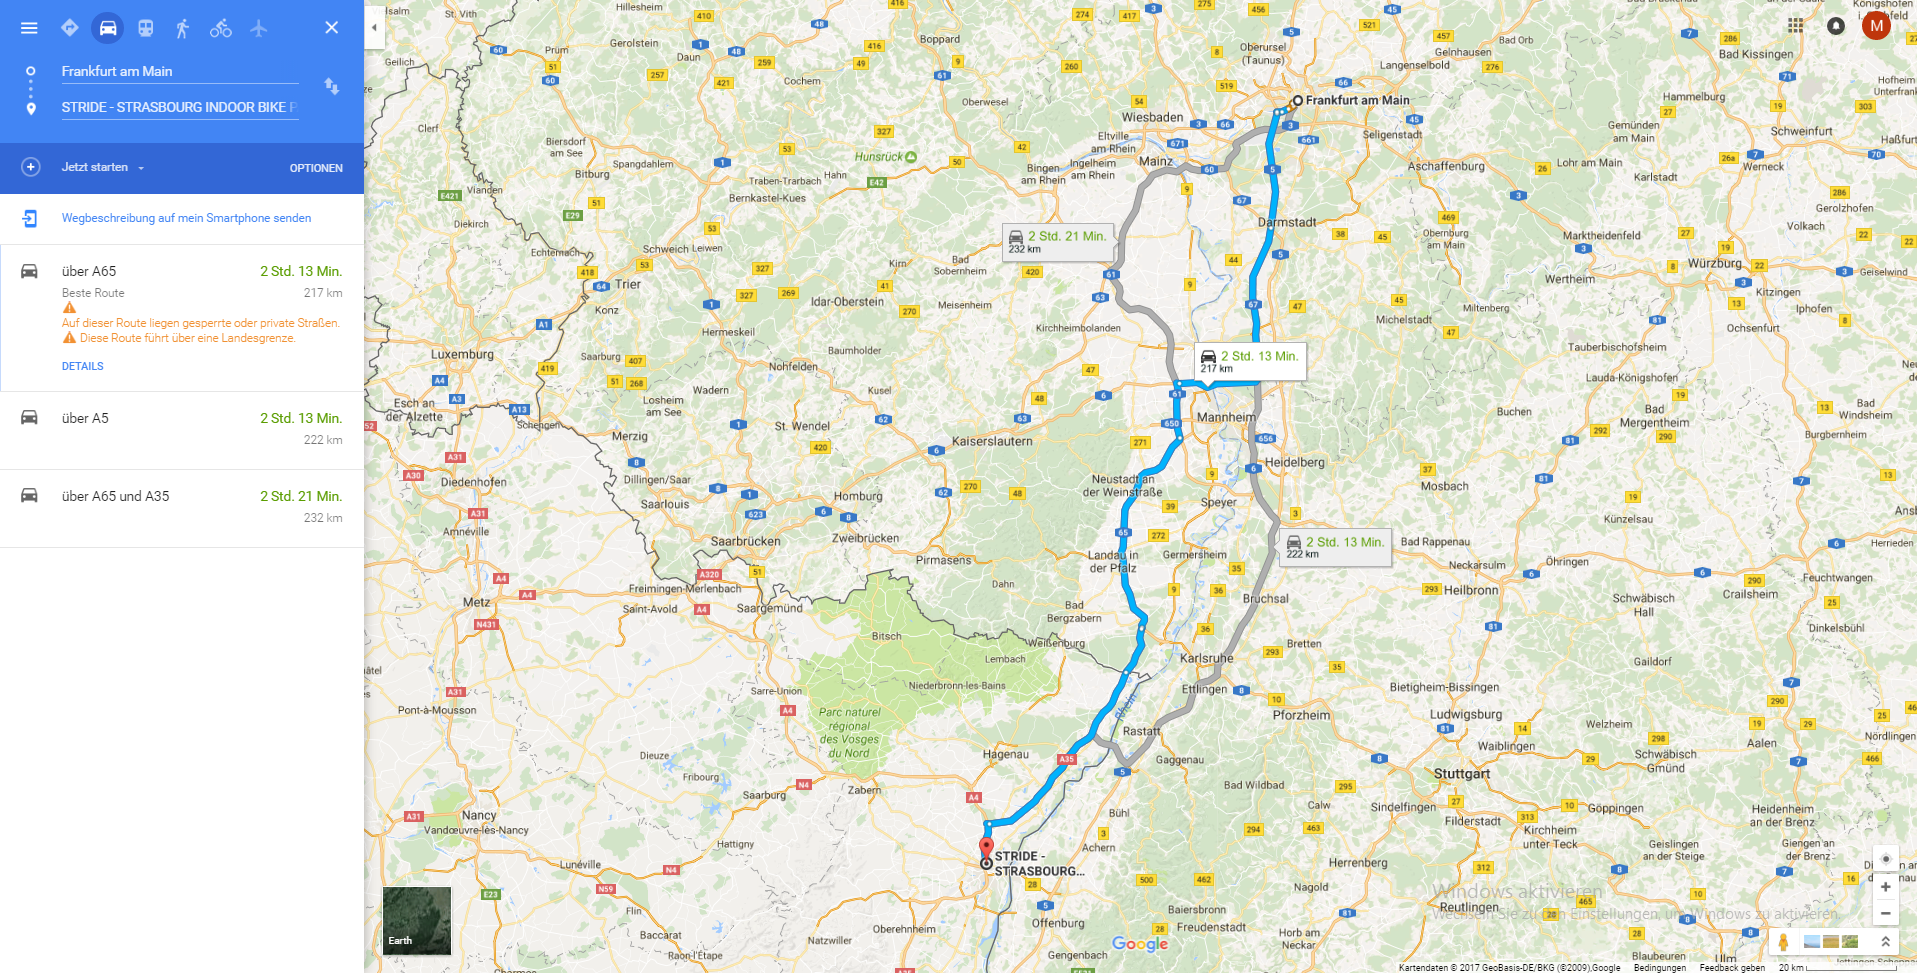 Angenehm zu fahren - ca 200 Km Anfahrt ausgehend von Frankfurt